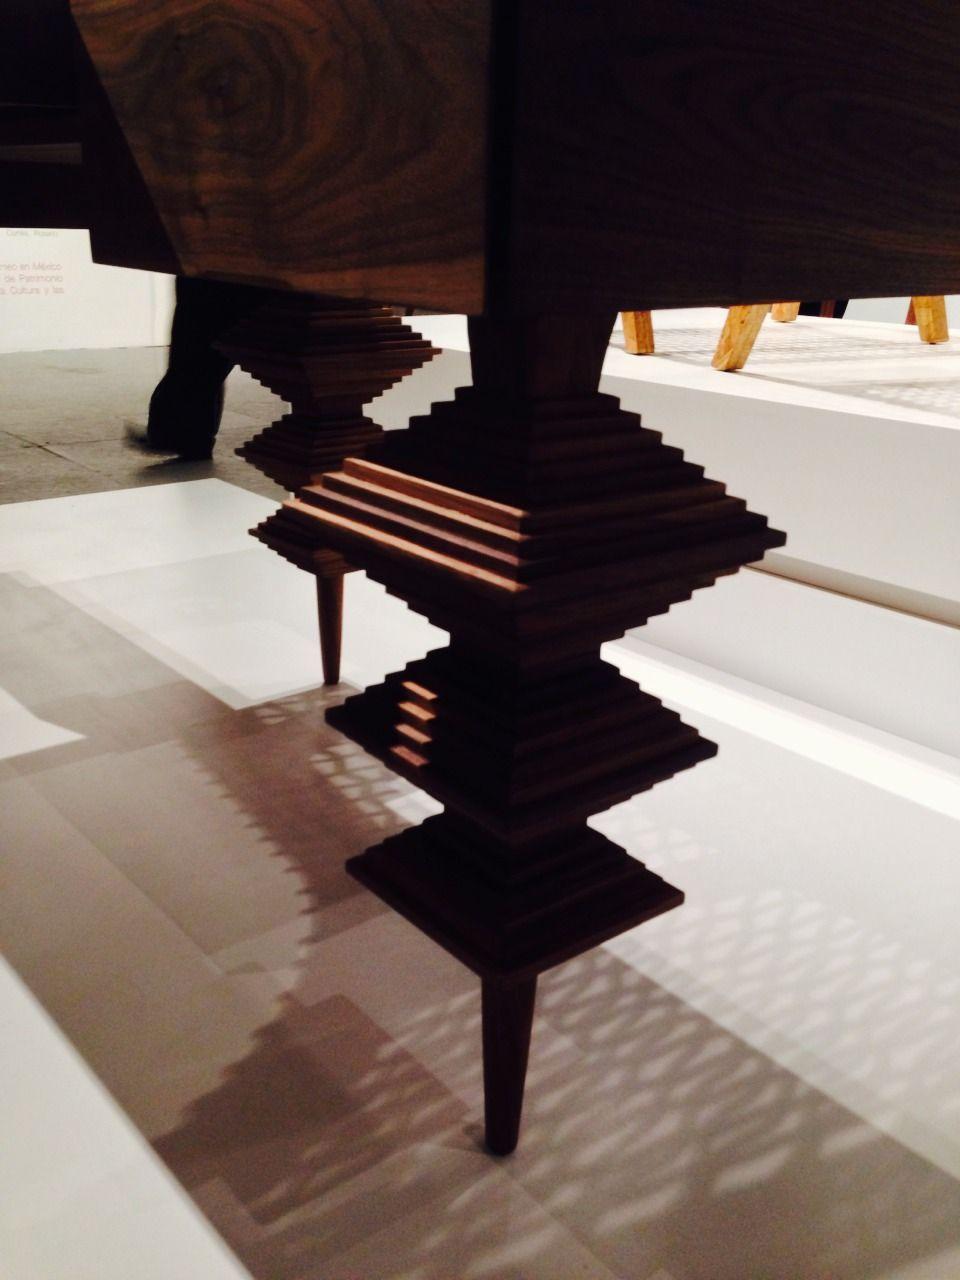 Escritorio Pyramid por Alexander Díaz Andersson  Madera sólida de nogal y laca.